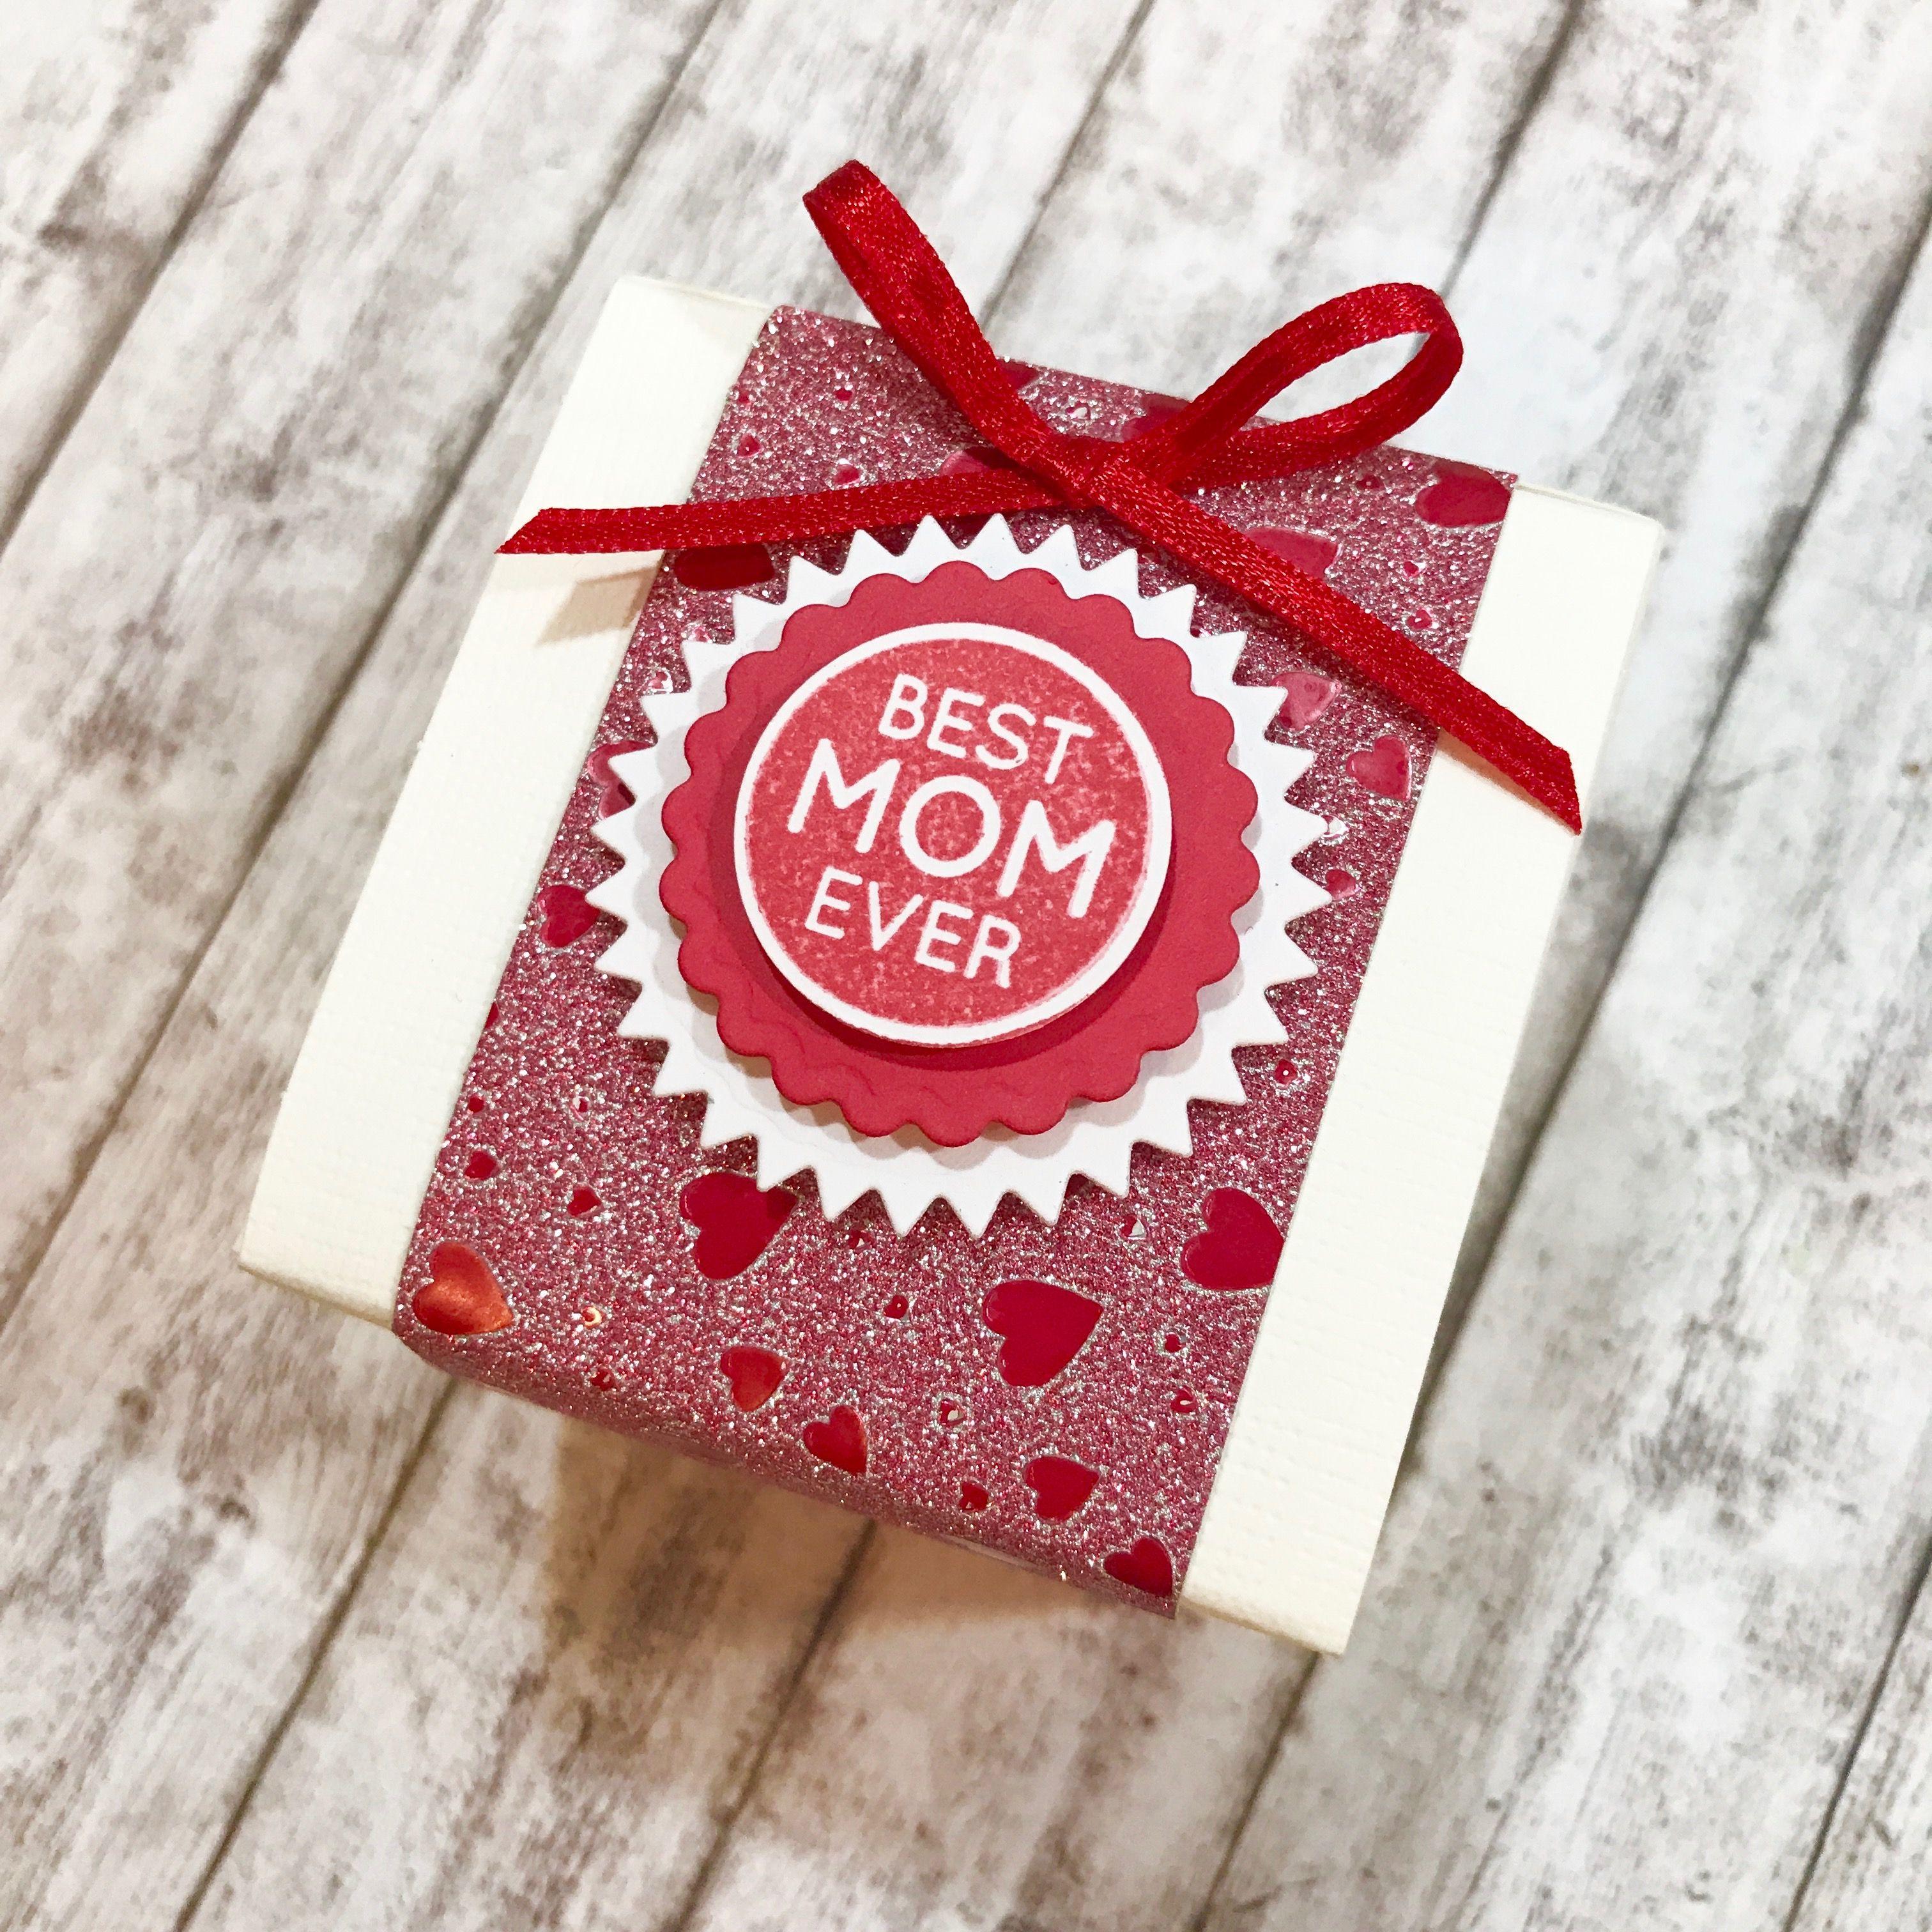 5 diy geschenk ideen zum muttertag die begeistern geschenkverpackung pinterest ideen zum. Black Bedroom Furniture Sets. Home Design Ideas